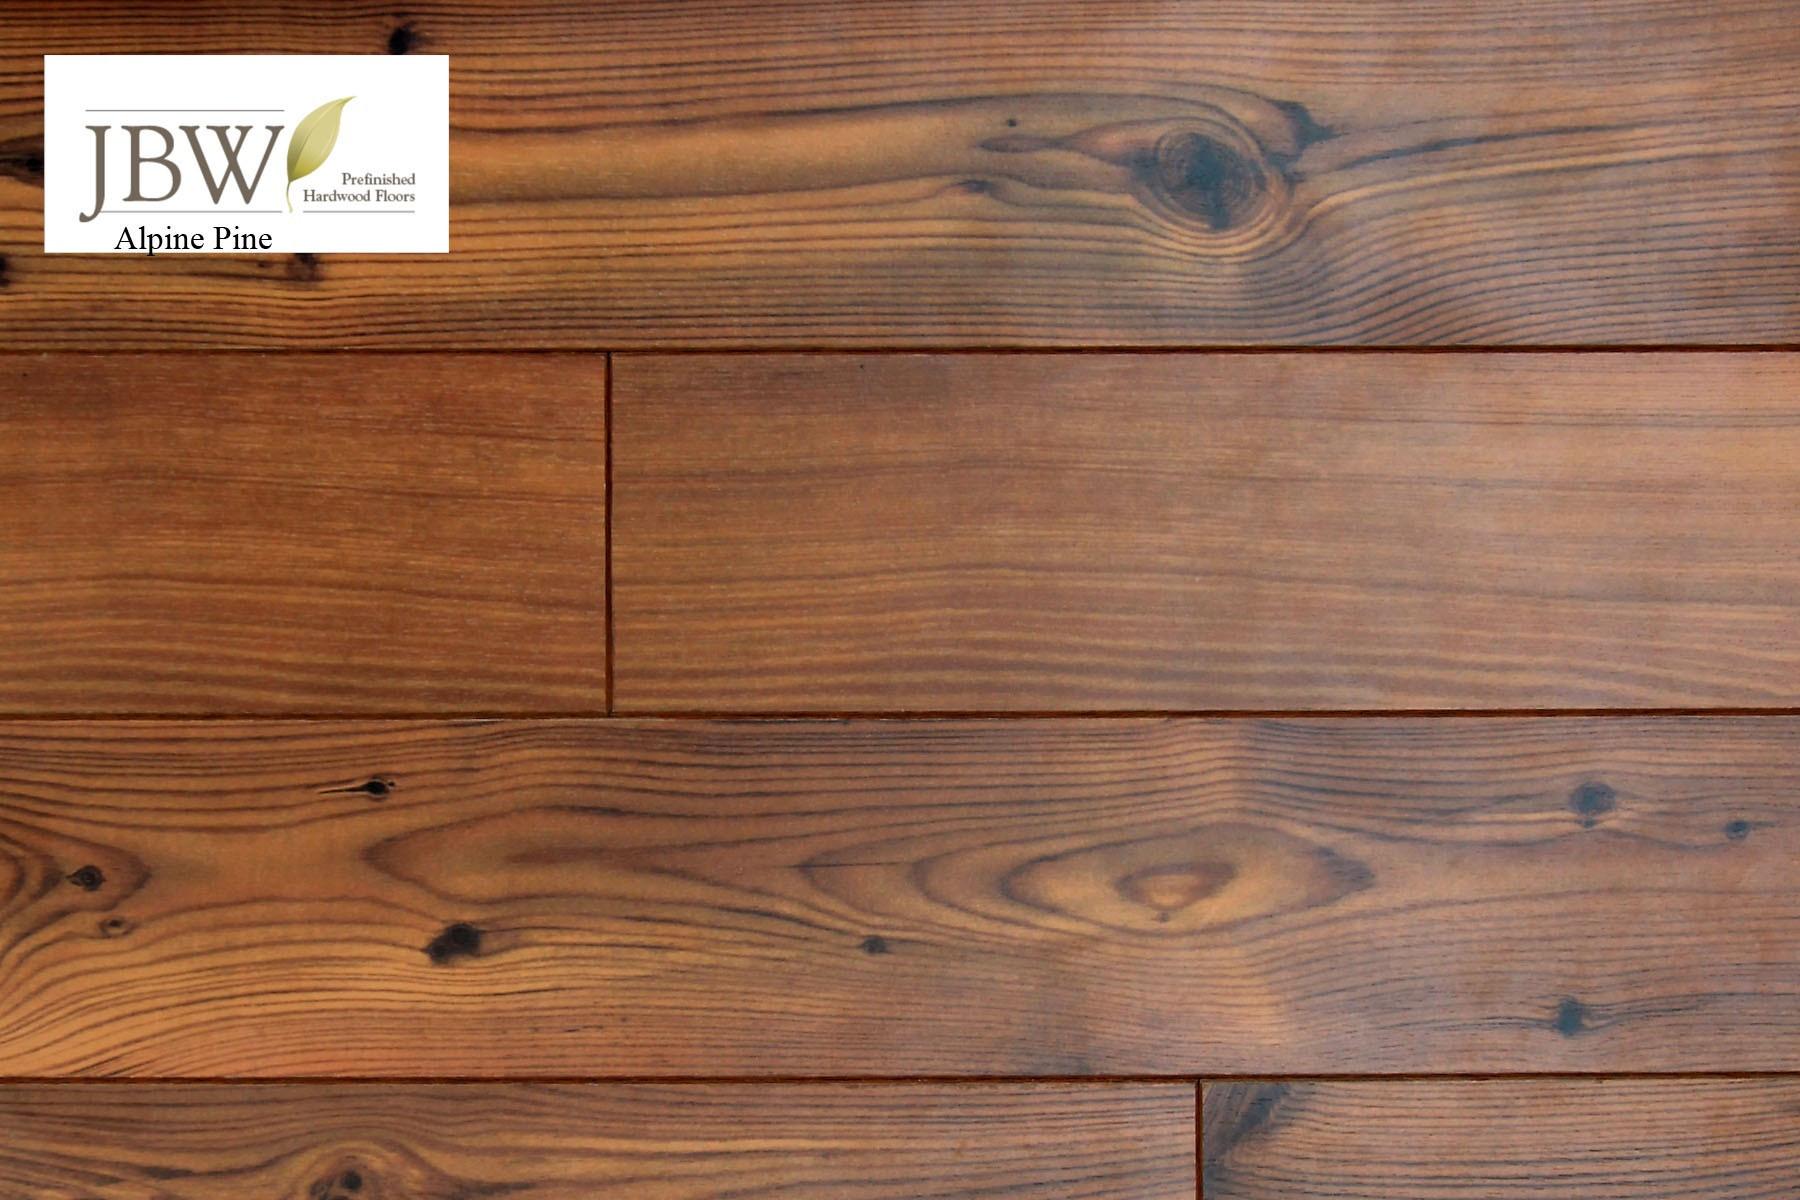 vinyl vs hardwood flooring cost of hardwood flooring vs engineered hardwood floor vs laminate awesome throughout hardwood flooring vs engineered hardwood floor vs laminate awesome vinyl plank wood look floor